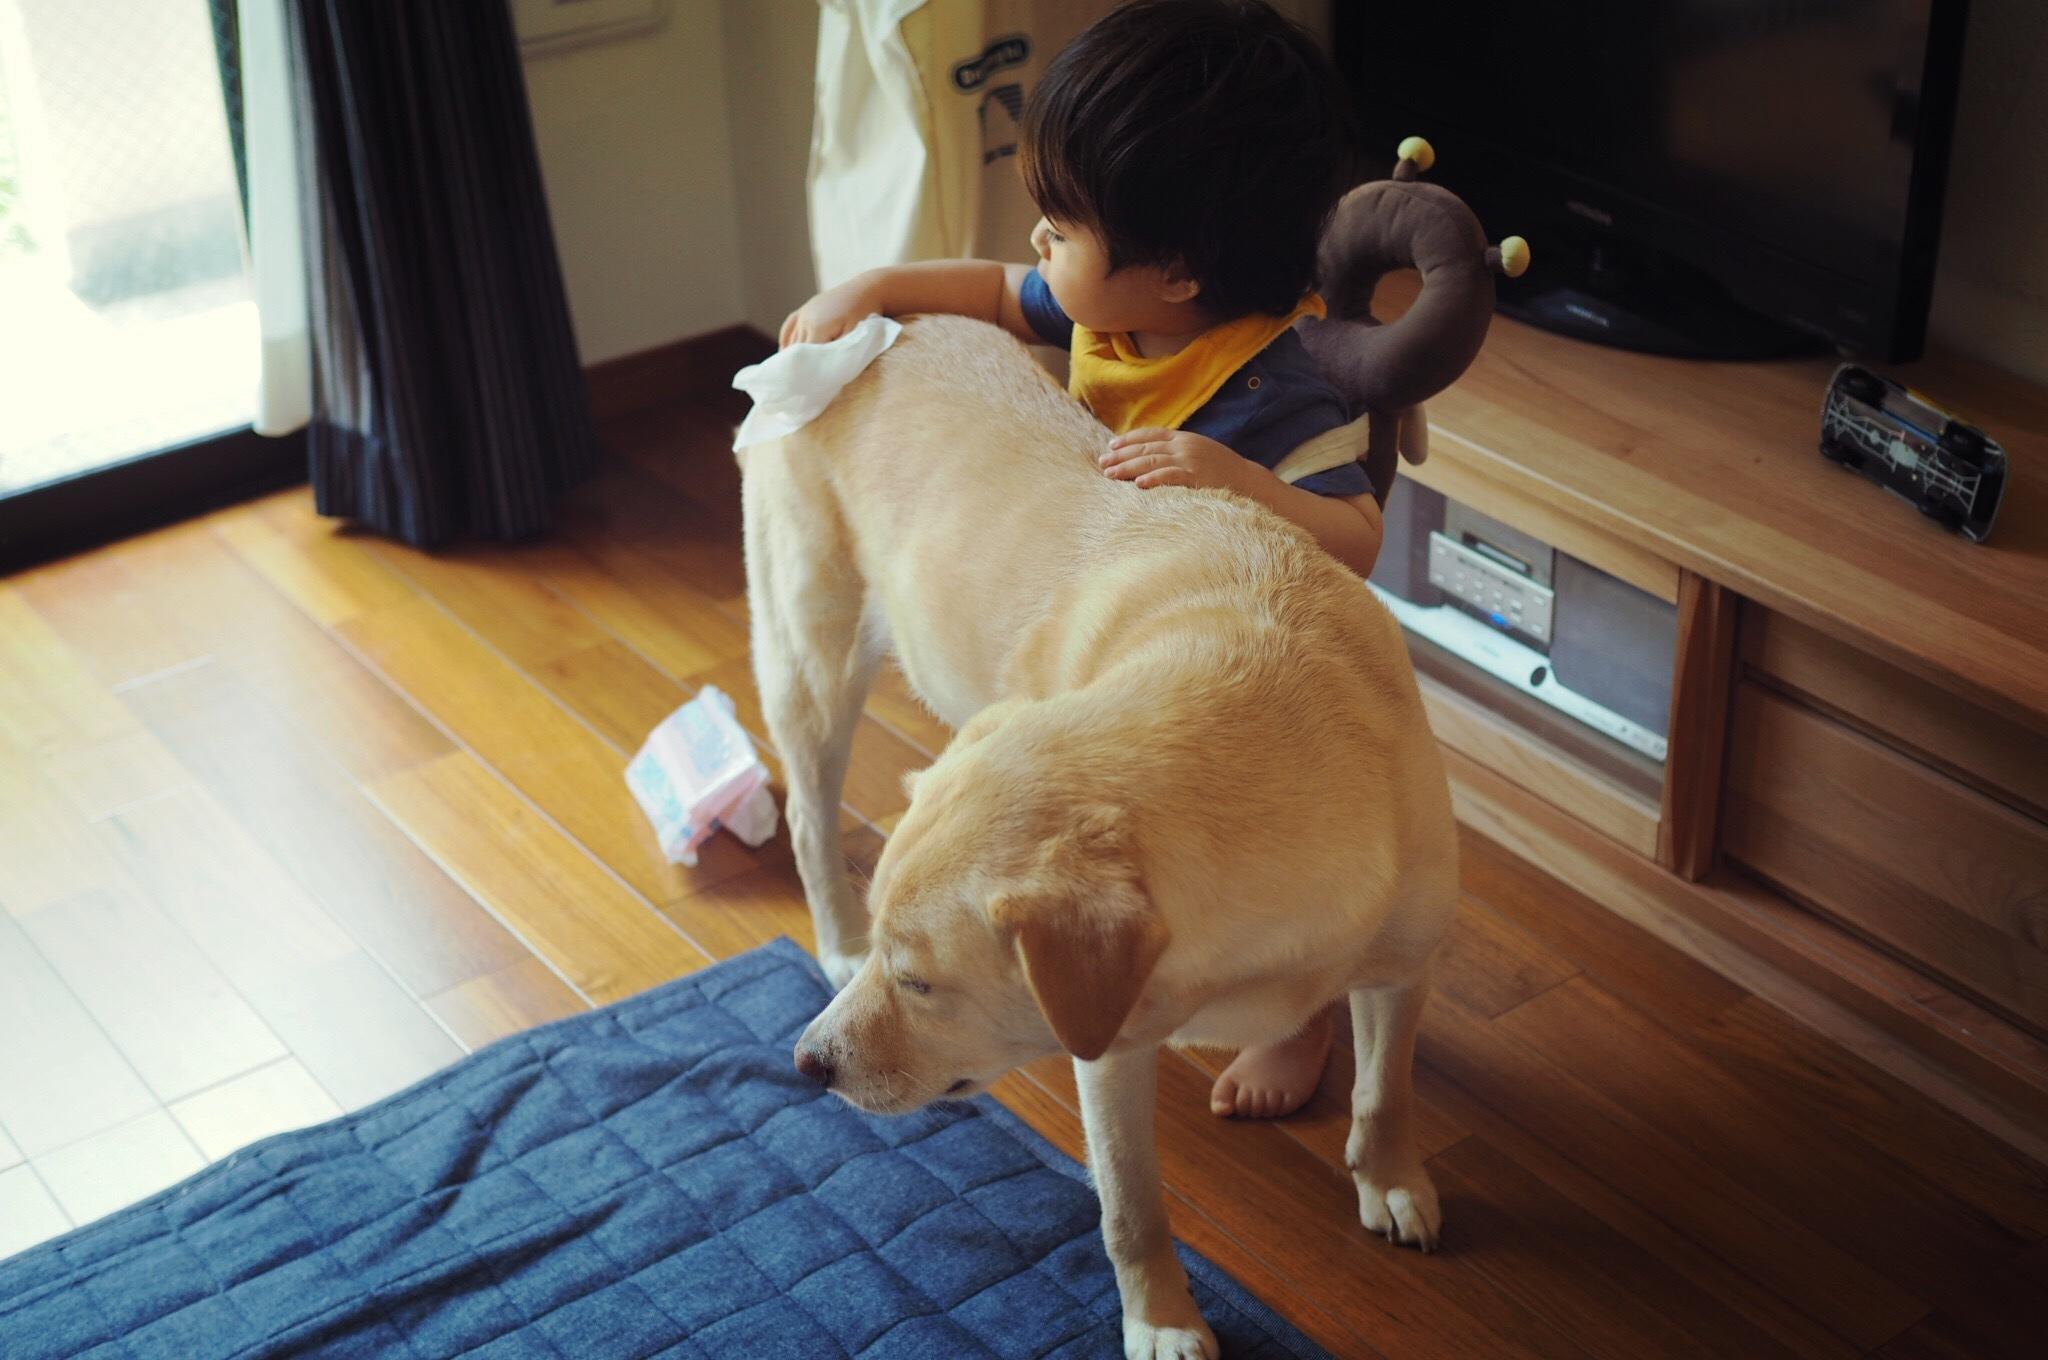 赤ちゃんと犬 赤ちゃんと大型犬 仲良し